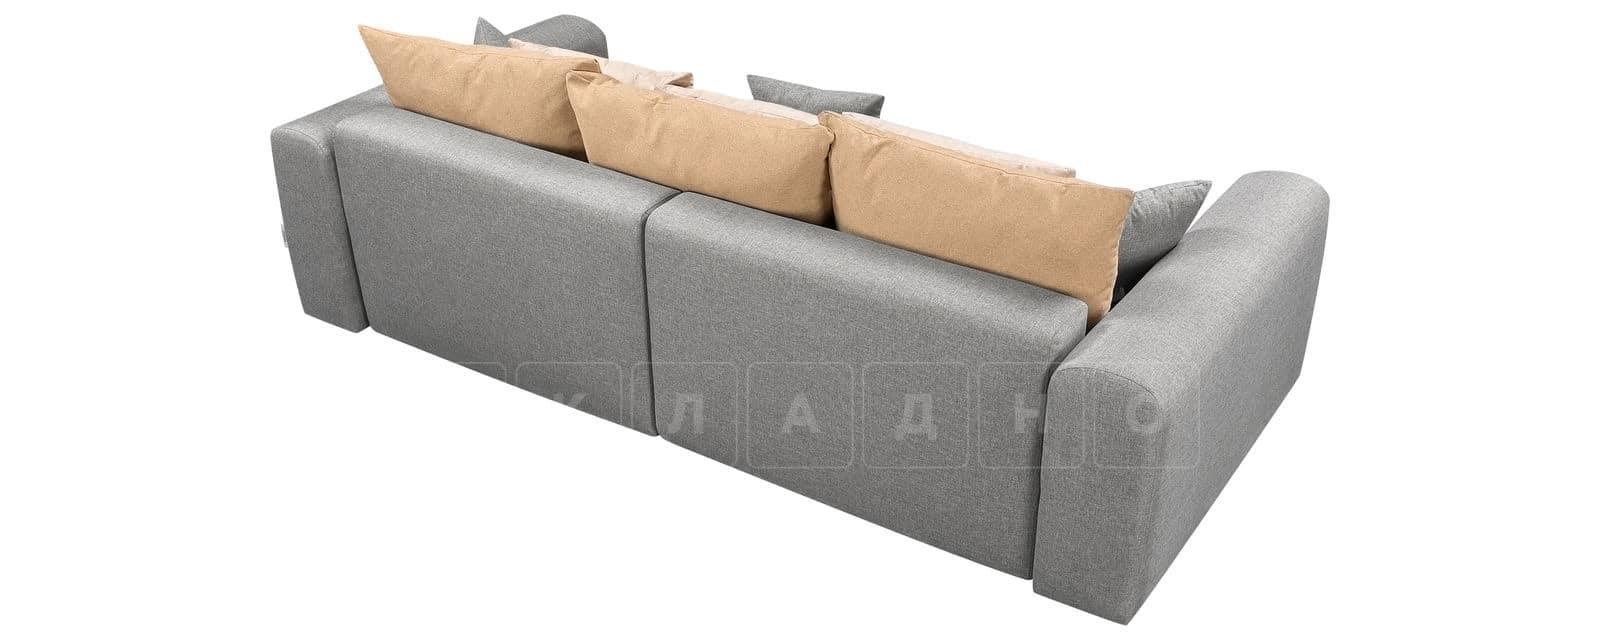 Диван Медисон серый 244 см фото 3   интернет-магазин Складно